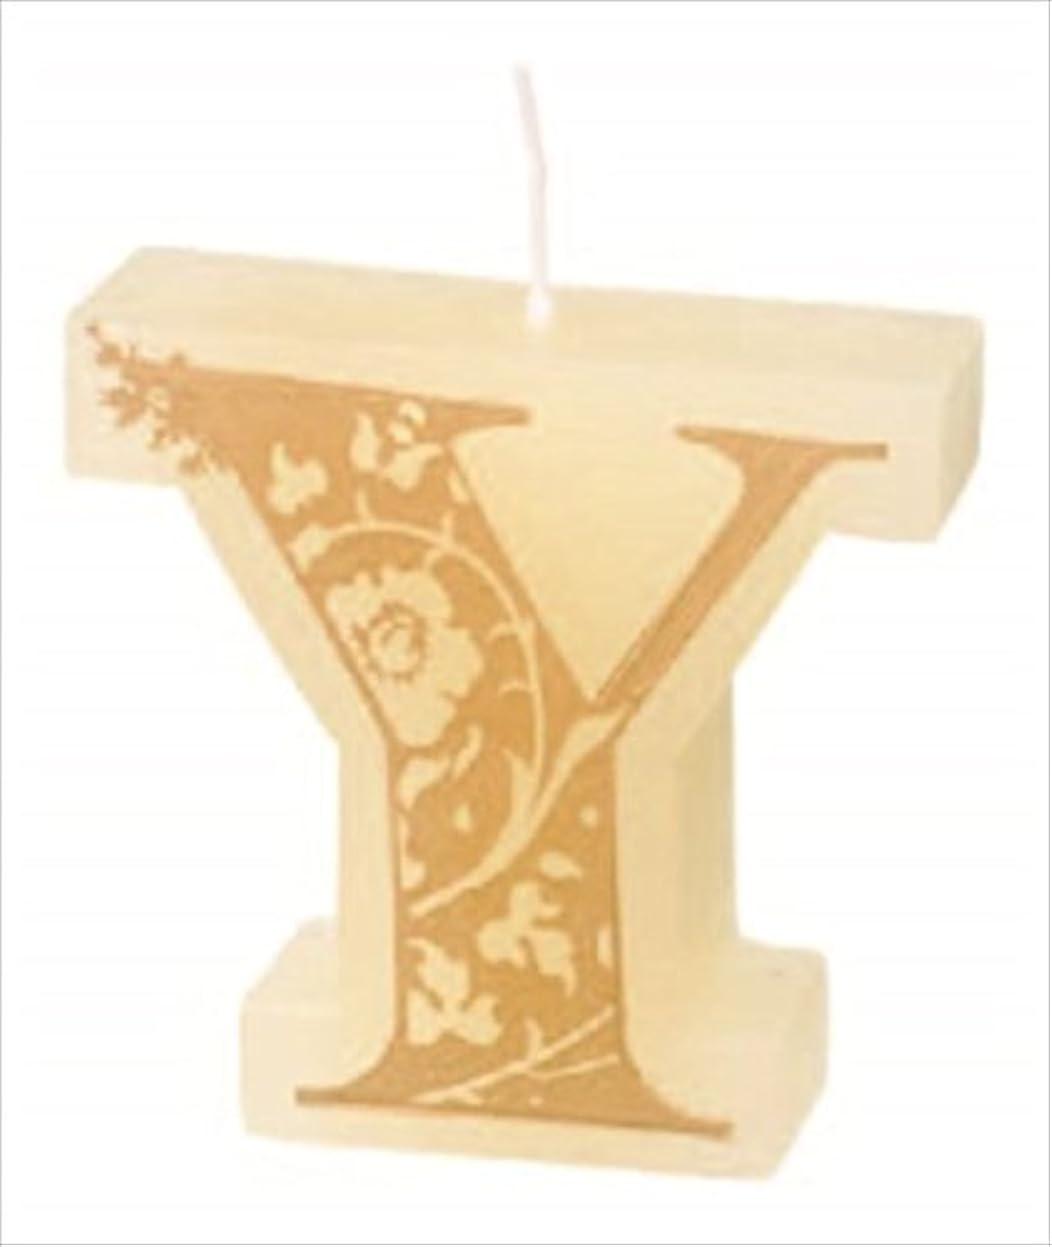 付ける現象箱カメヤマキャンドル(kameyama candle) イニシャルキャンドルミニ 「 Y 」